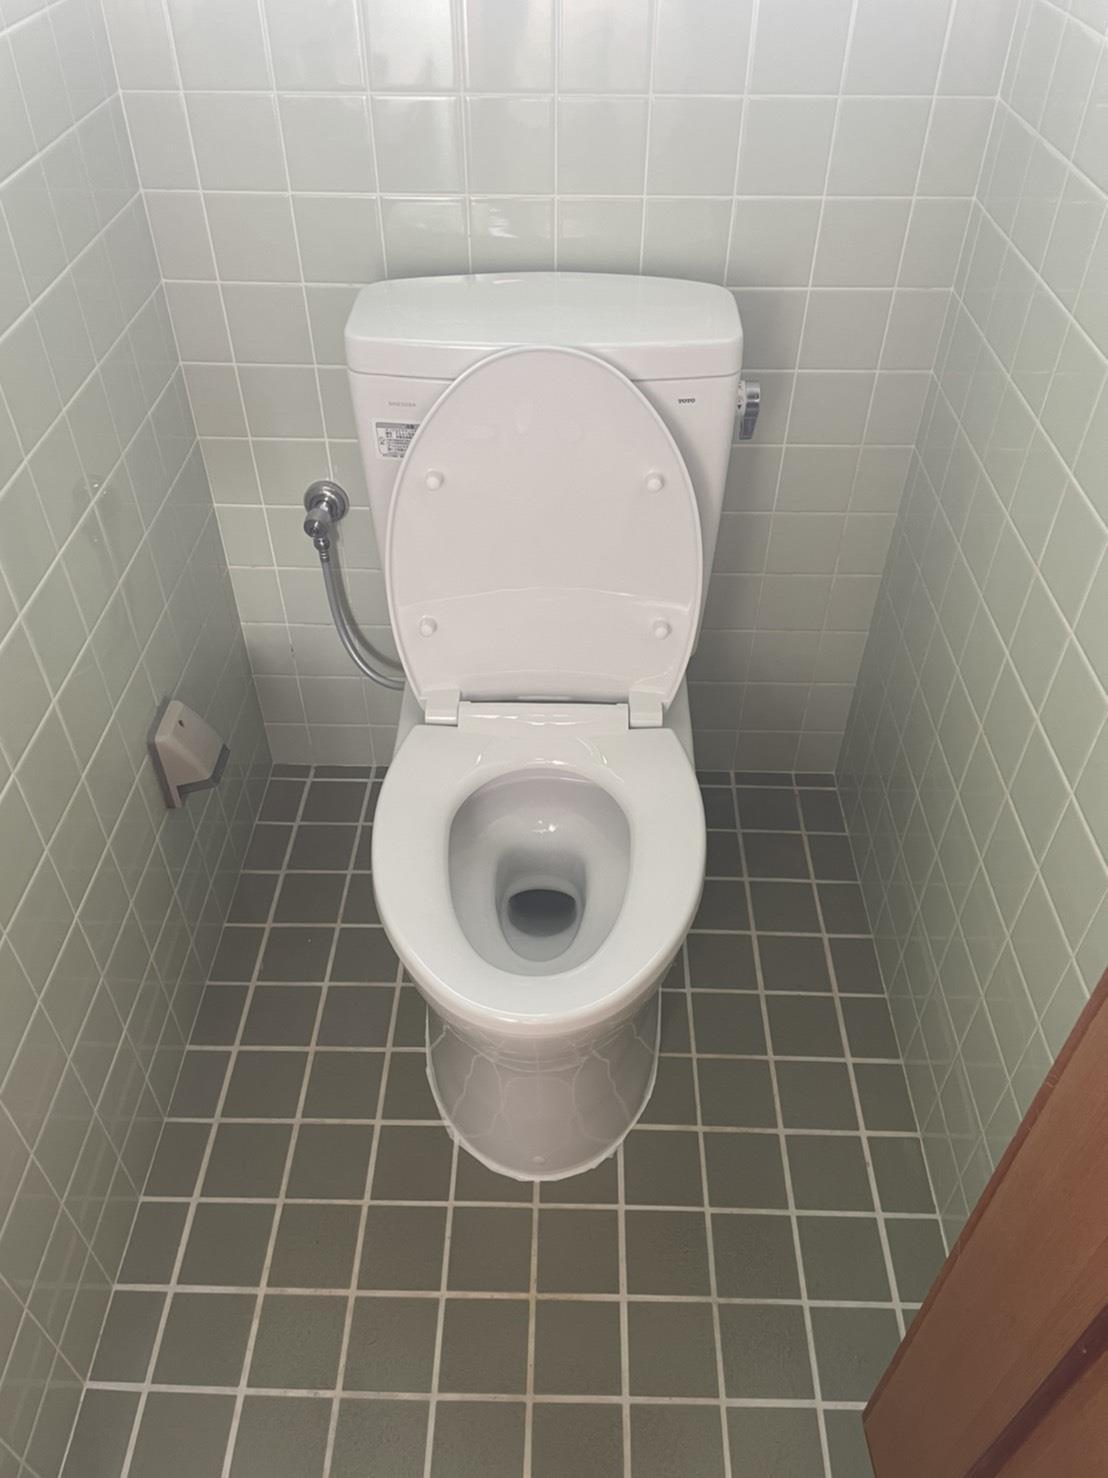 トイレ取替え(リフォーム施工事例)を公開しました。 | 沖縄や那覇でリフォームするなら【株式会社 あうん工房】